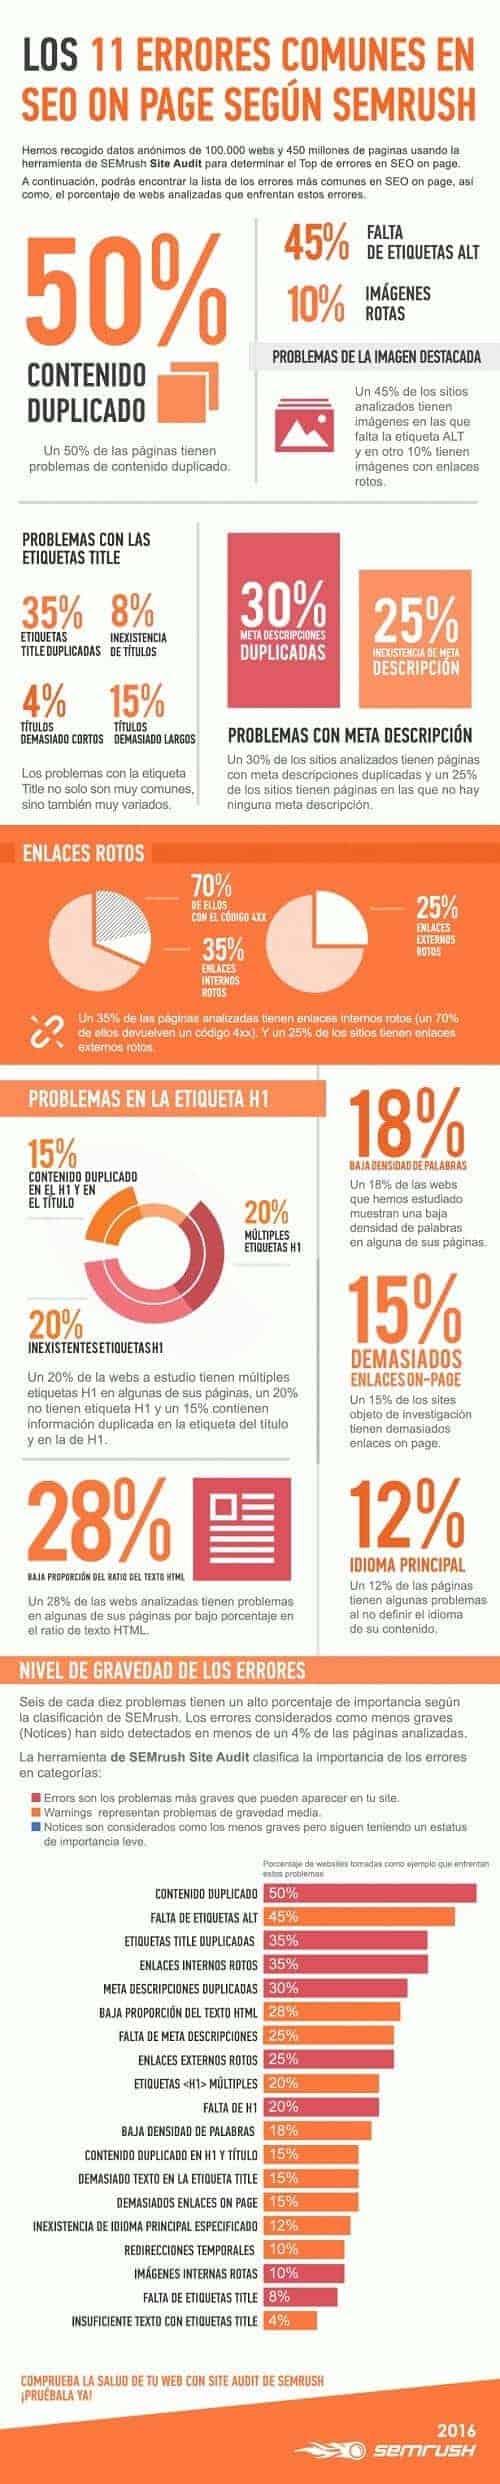 Errores frecuentes del SEO on page #infografía